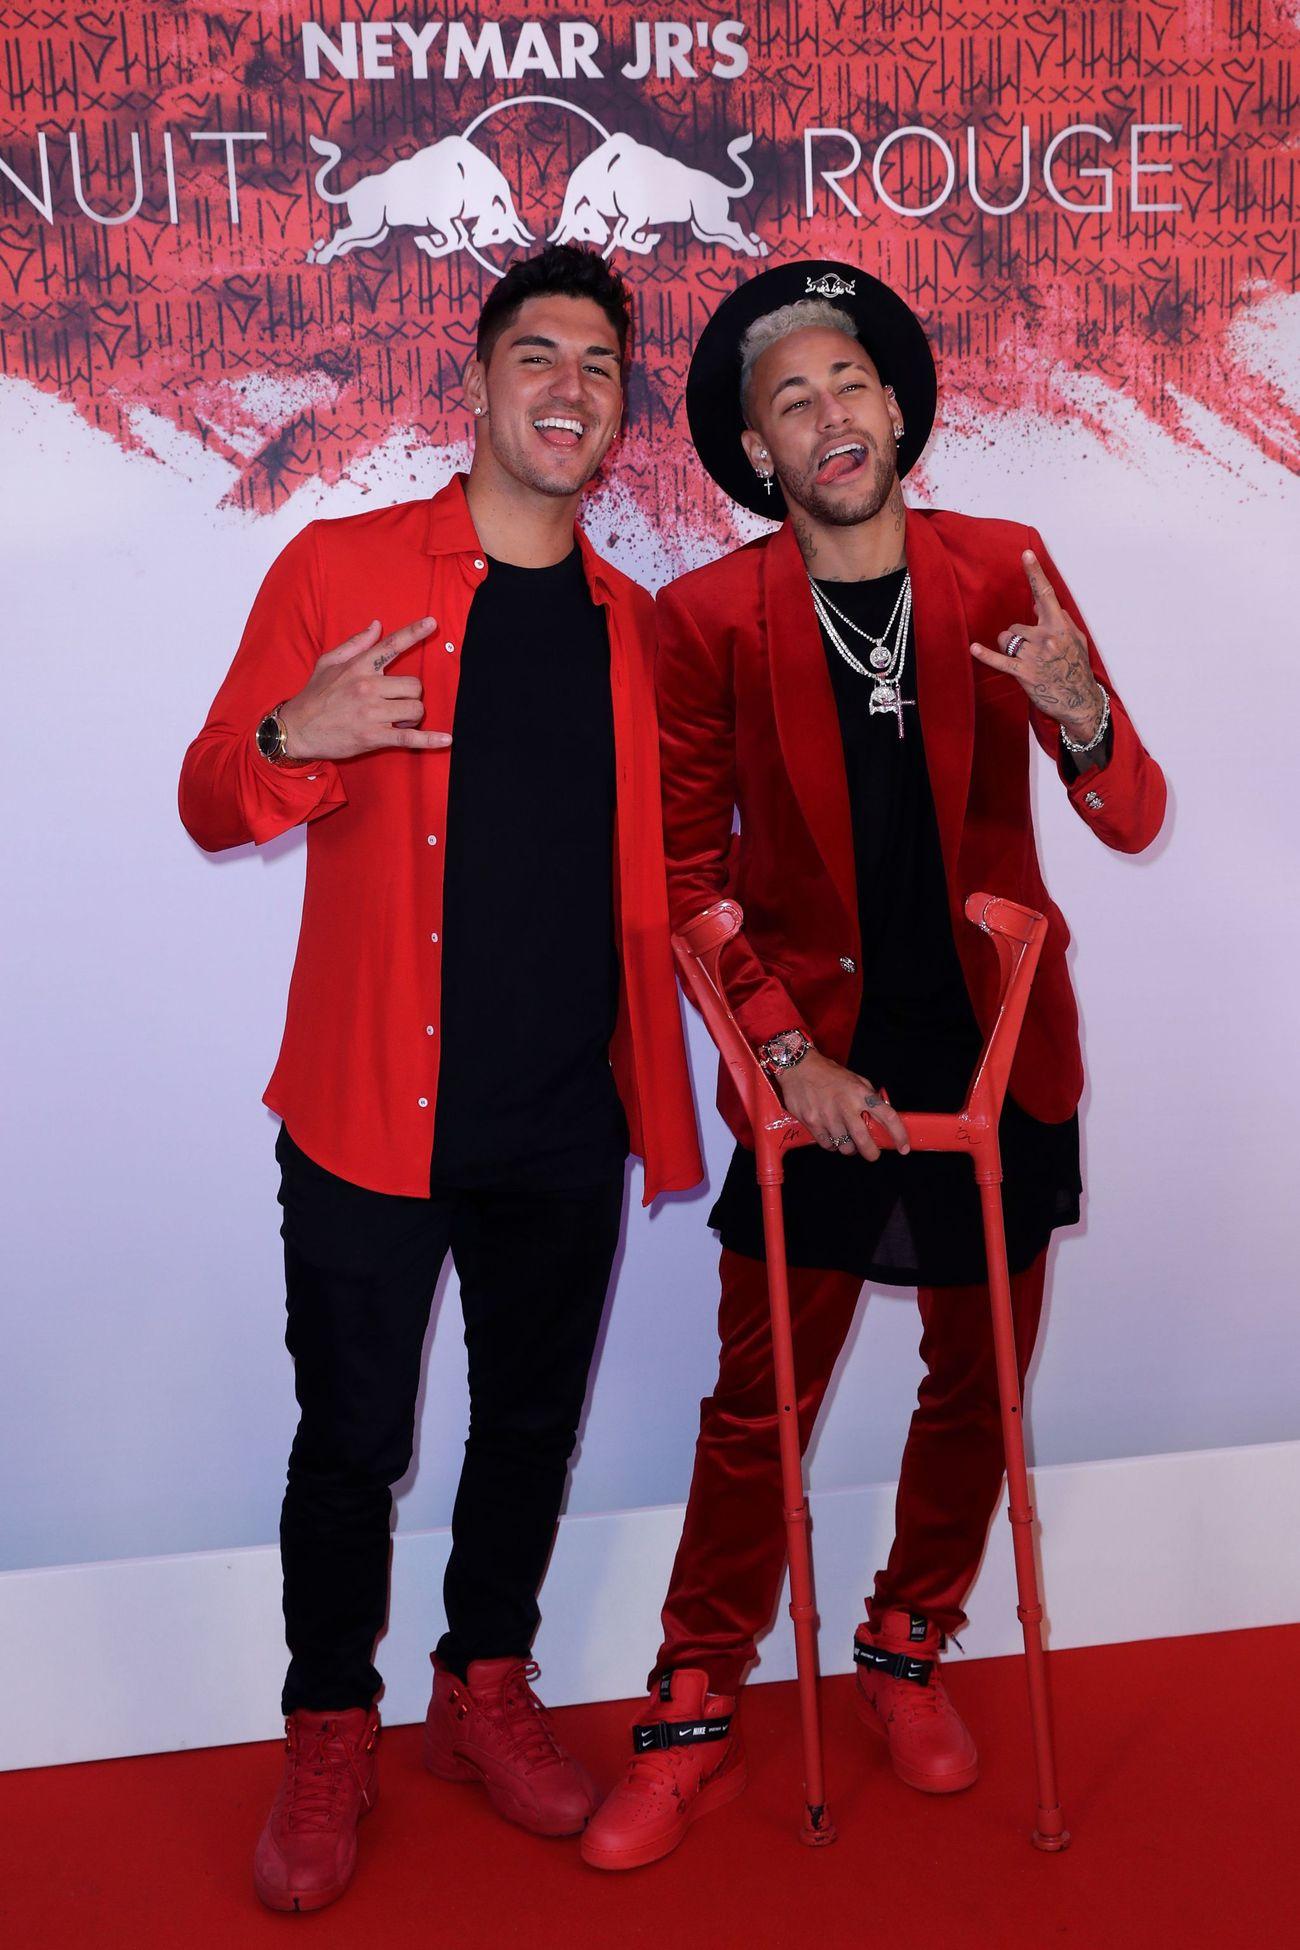 Muchos rostros conocidos en la fiesta roja de Neymar, que